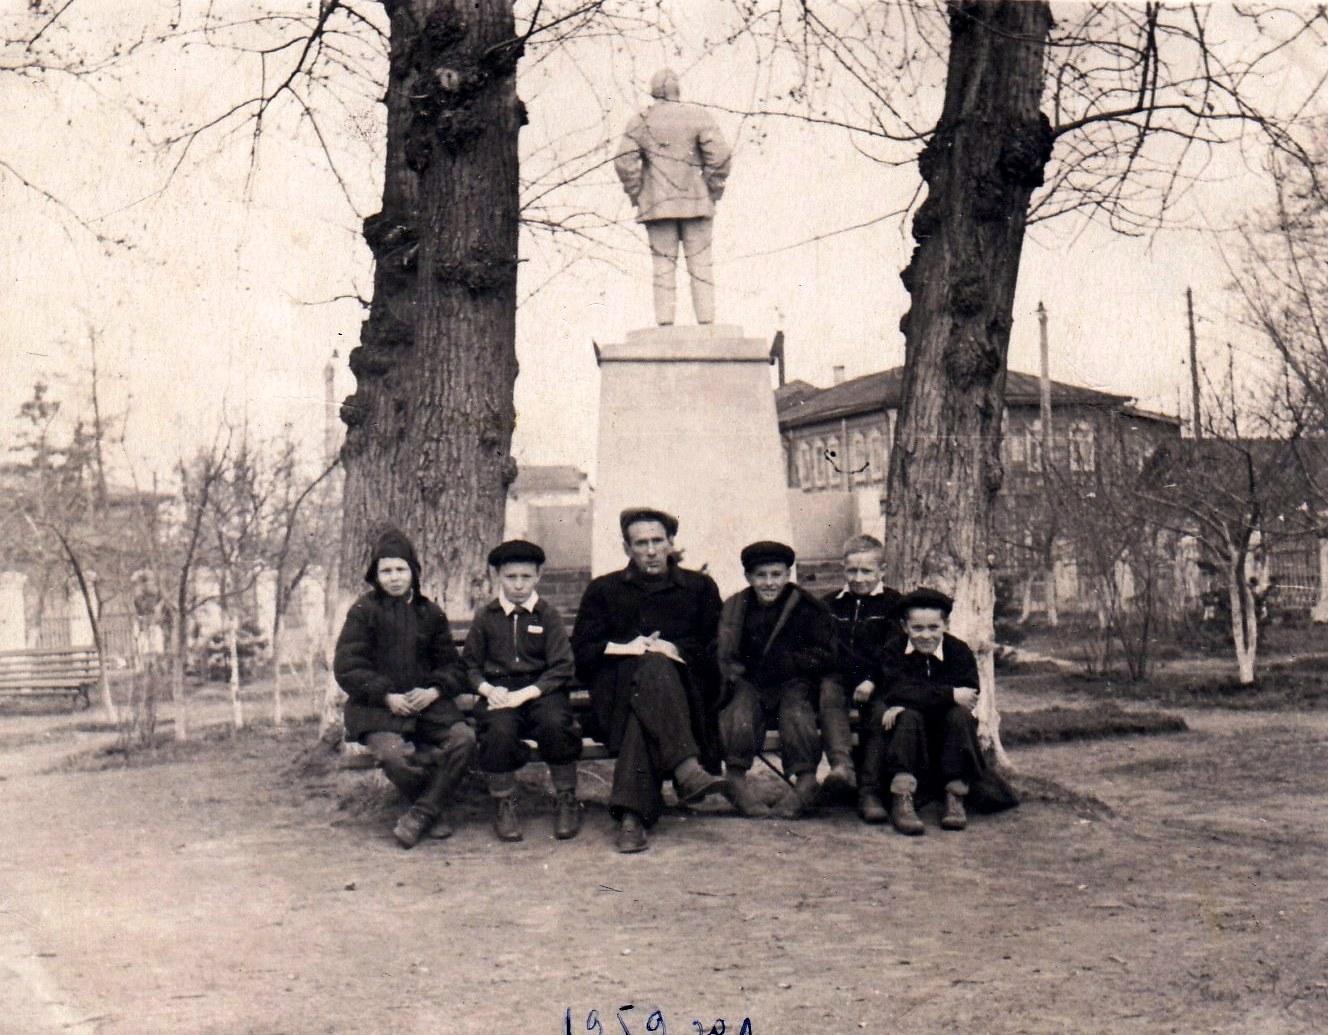 1959. Ленинский сквер